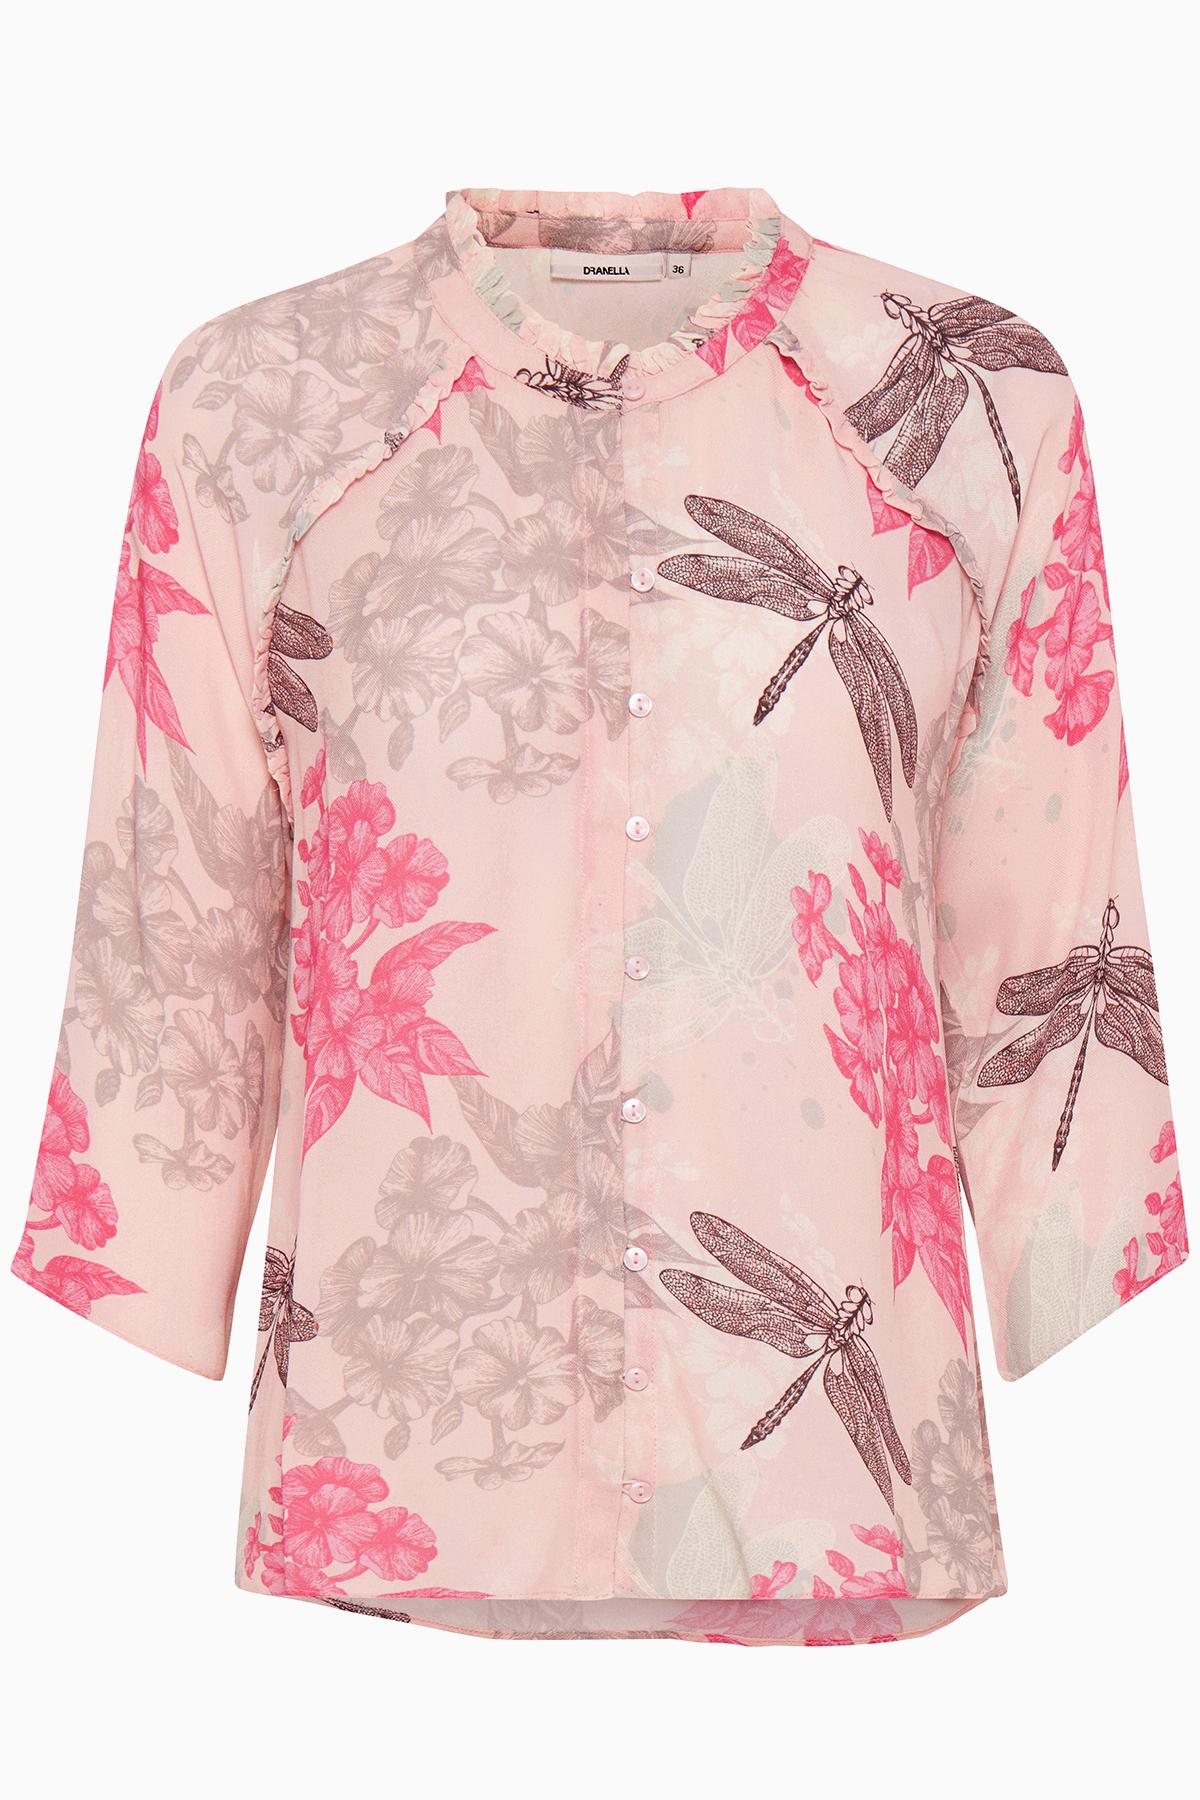 Image of Dranella Dame Smuk Notabene skjorte - Rosa/pink